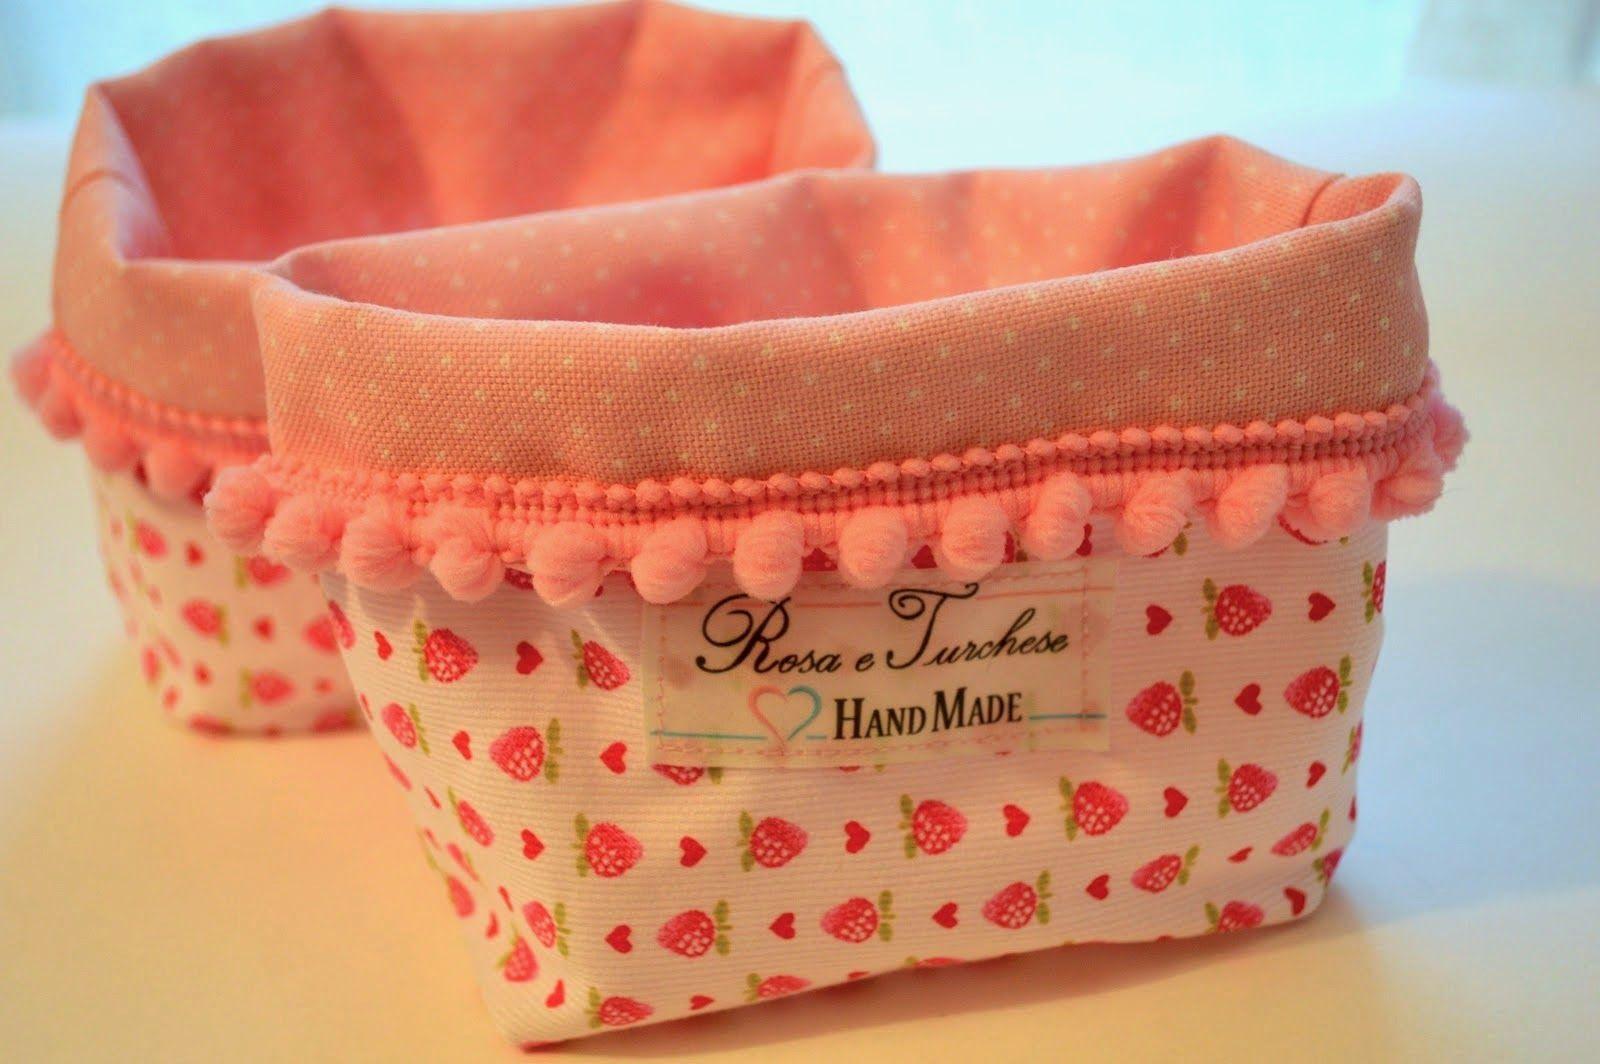 Idee Cucito Per Il Bagno : Idee regali fai da te: cestino di stoffa porta oggetti fai da te